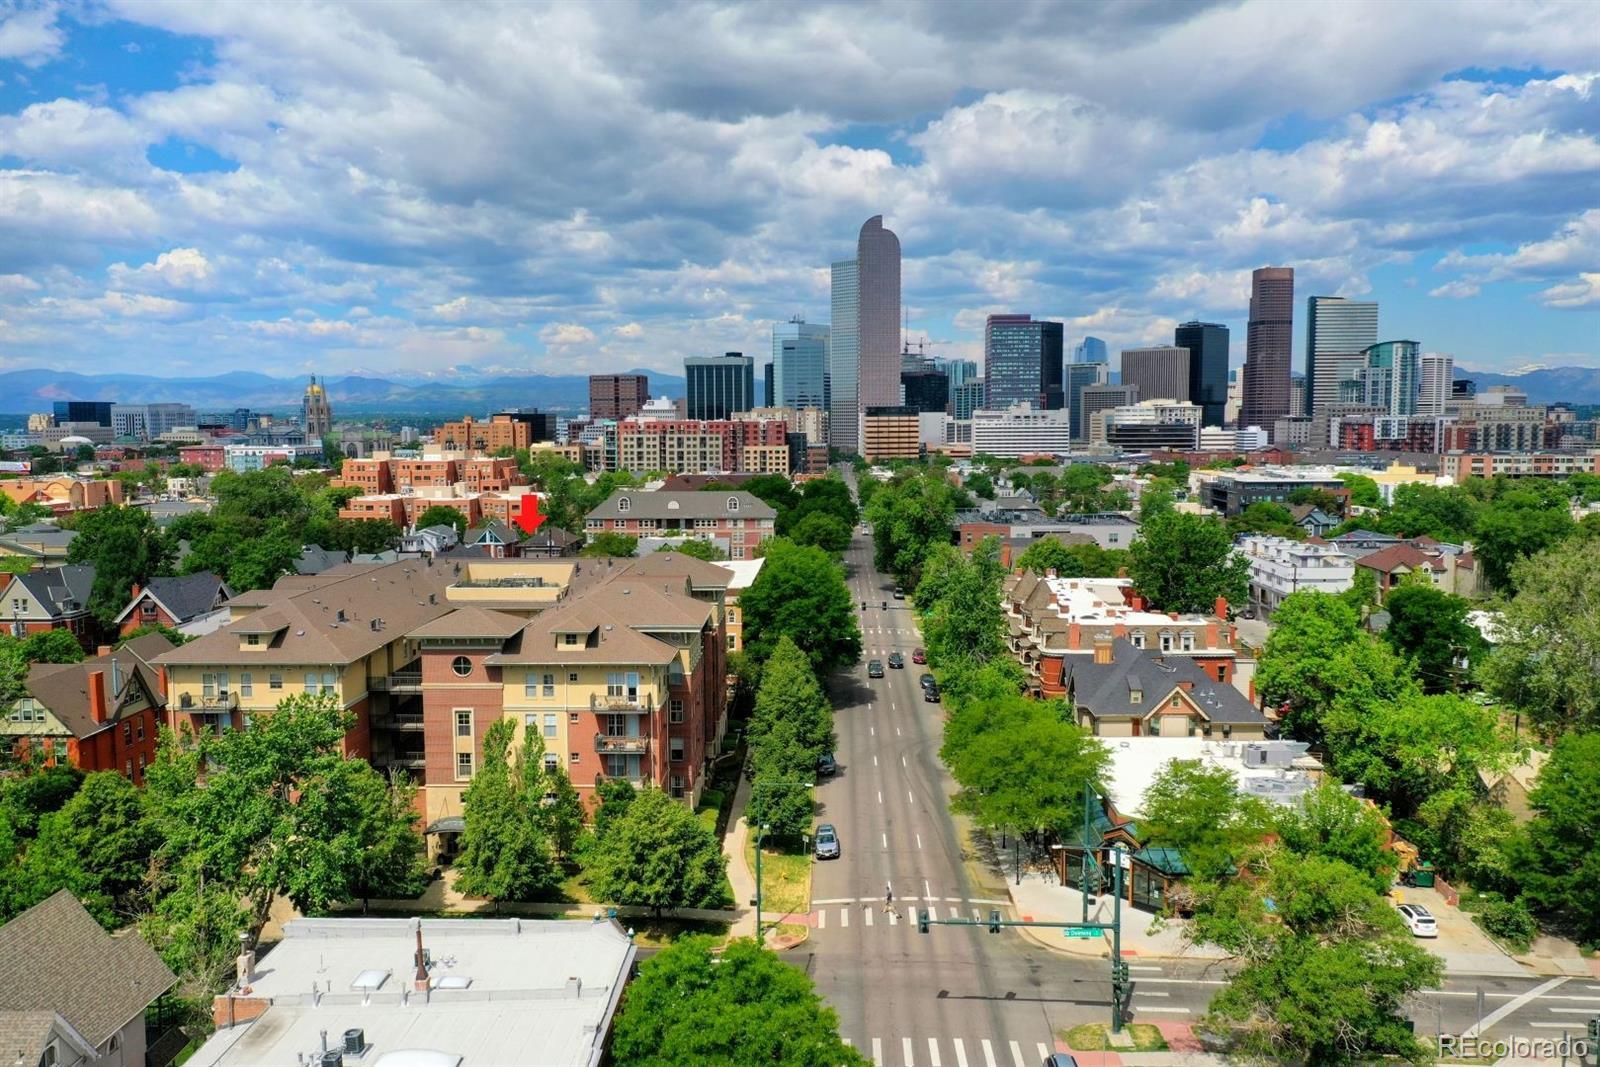 MLS# 5327689 - 40 - 1699 N Downing Street #307, Denver, CO 80218